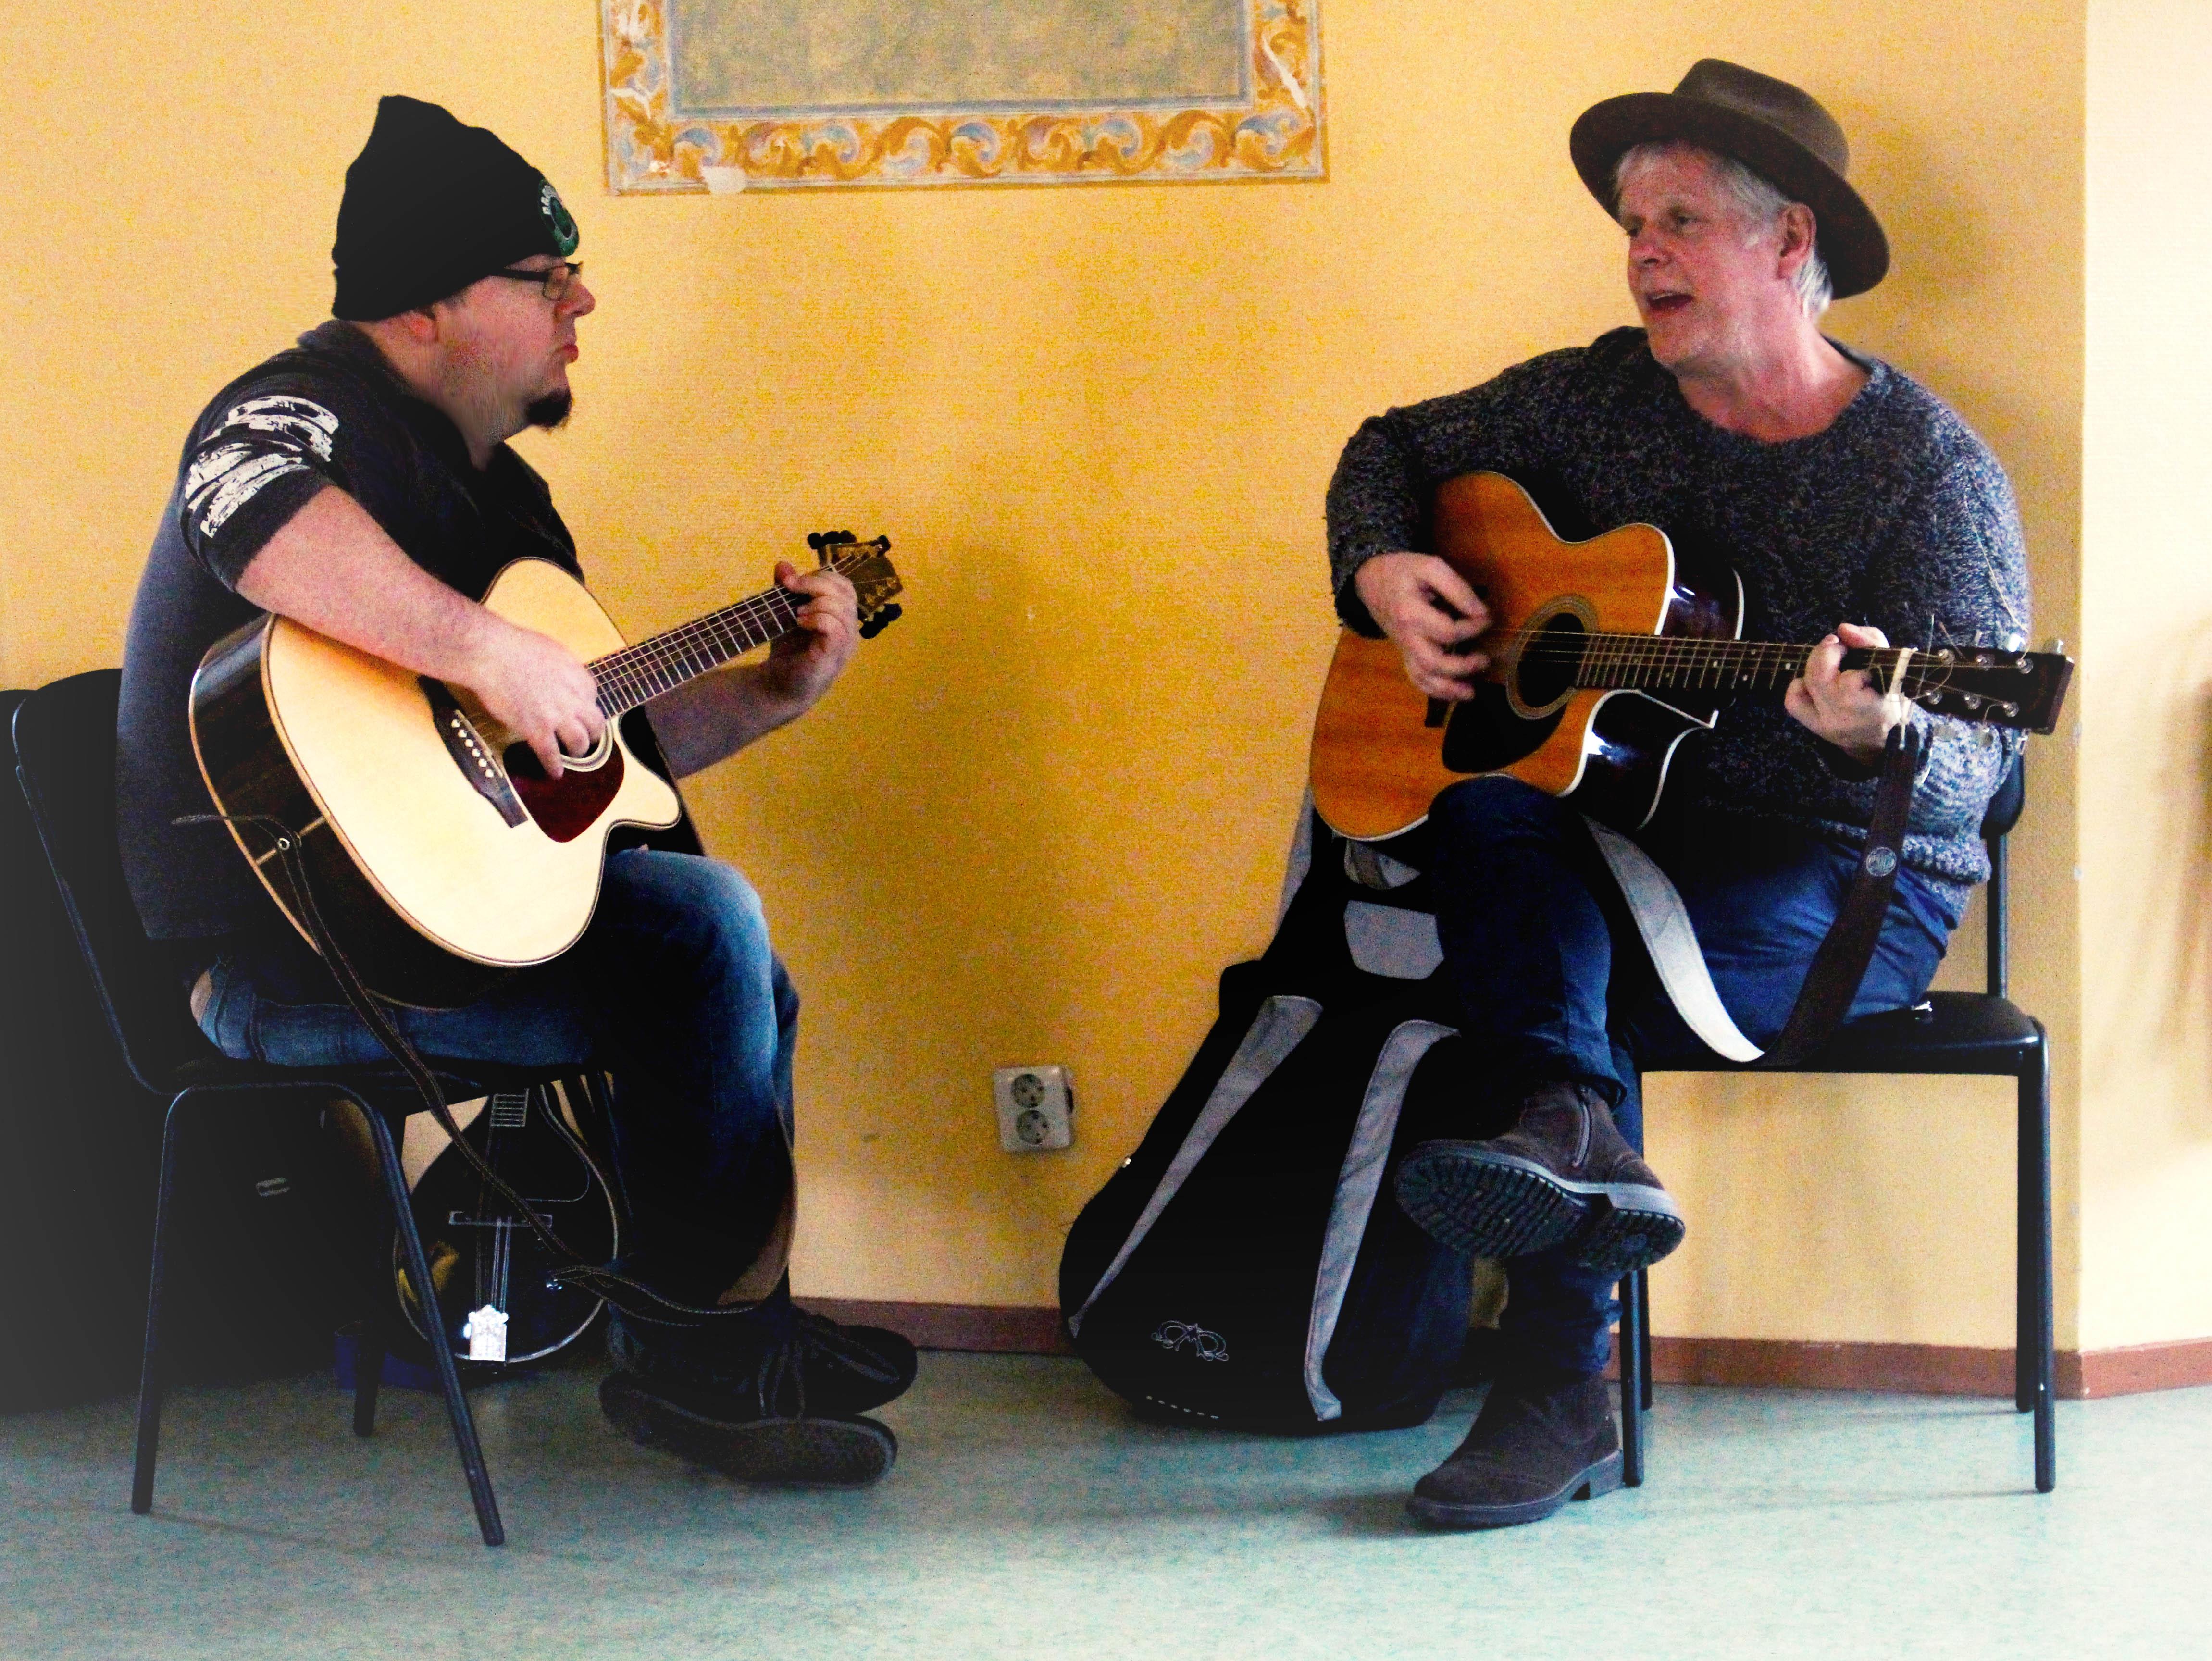 Neil och Kurt